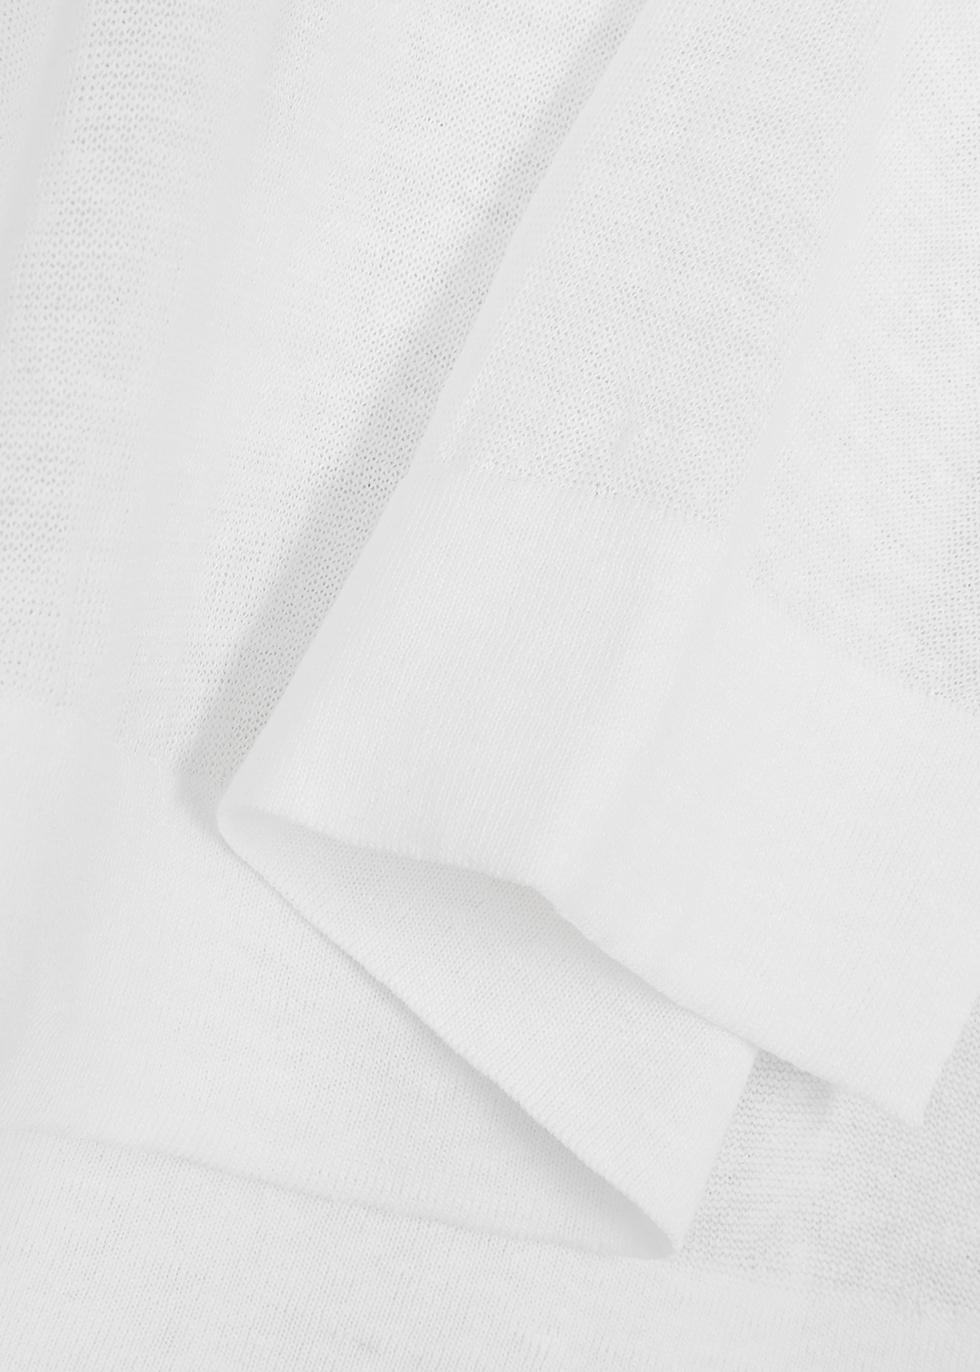 Calipso white linen-blend jumper - Max Mara Studio